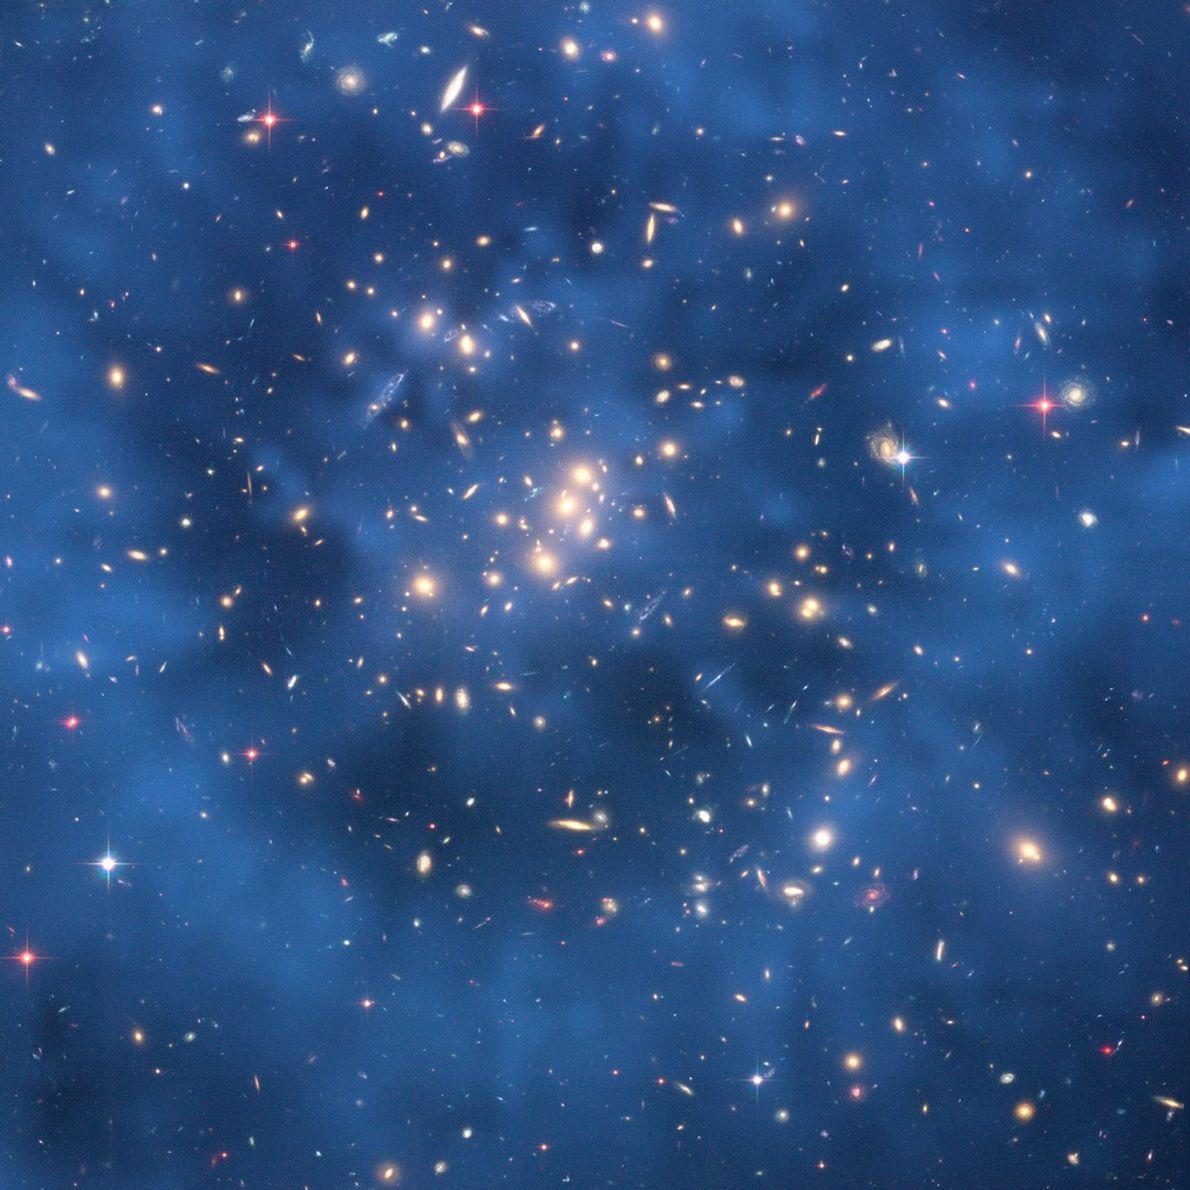 Agrupación galáctica Cl 0024+17